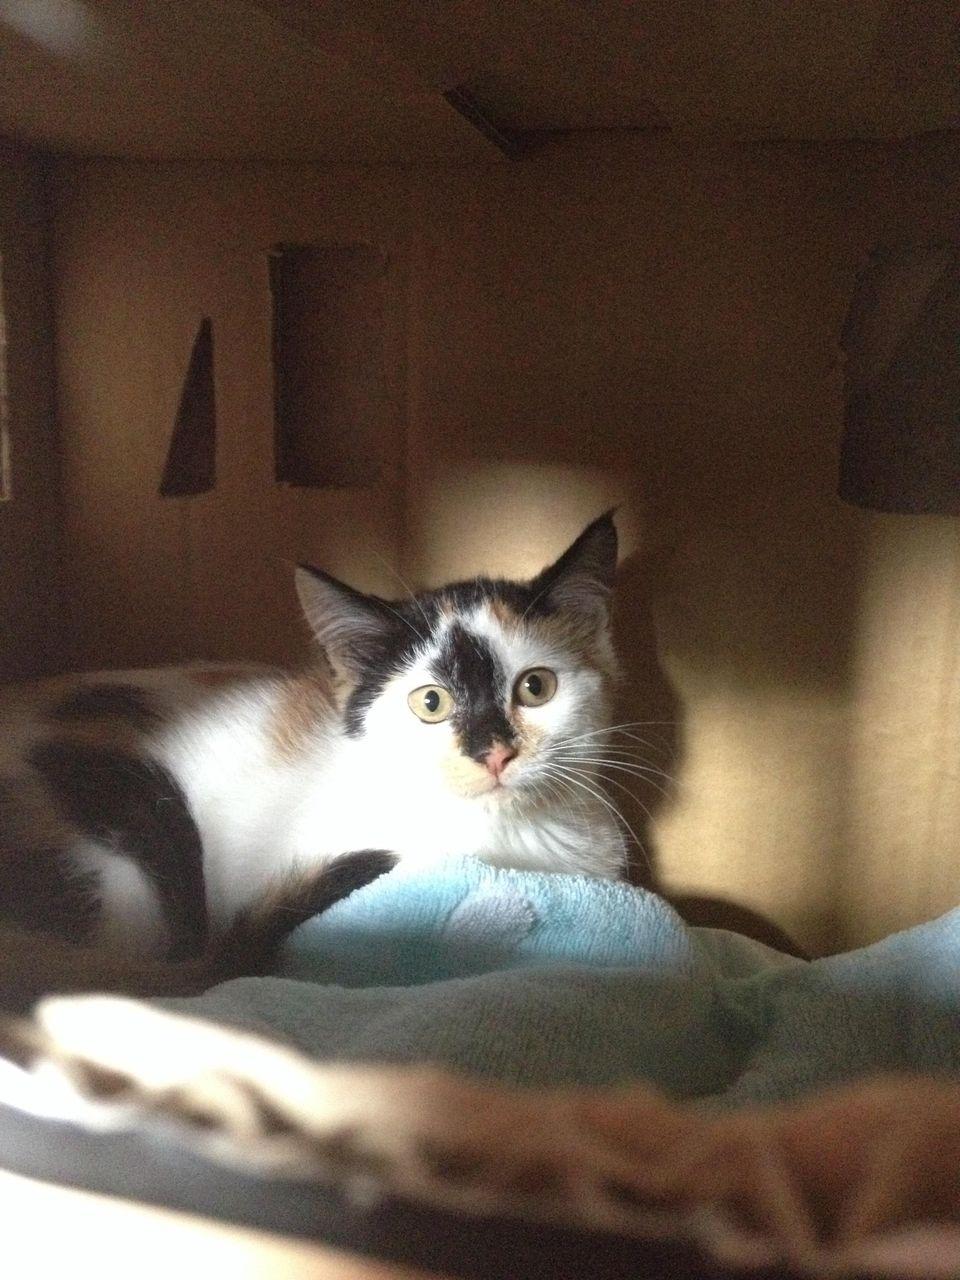 http://livedoor.blogimg.jp/akan2ch/imgs/a/4/a4036a0d.jpg